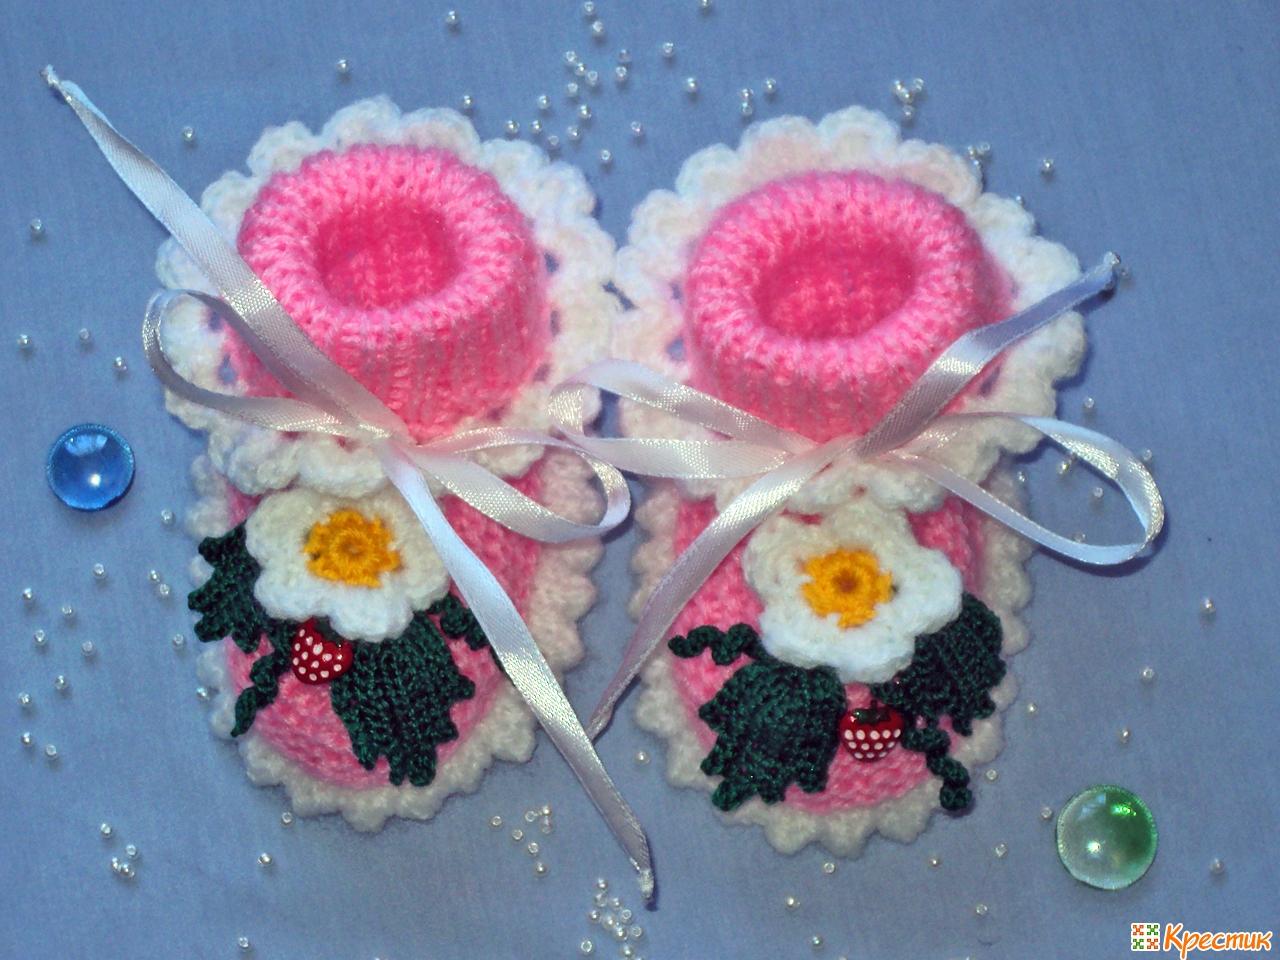 схему вязания пинетки на двух спицах для новорождённого